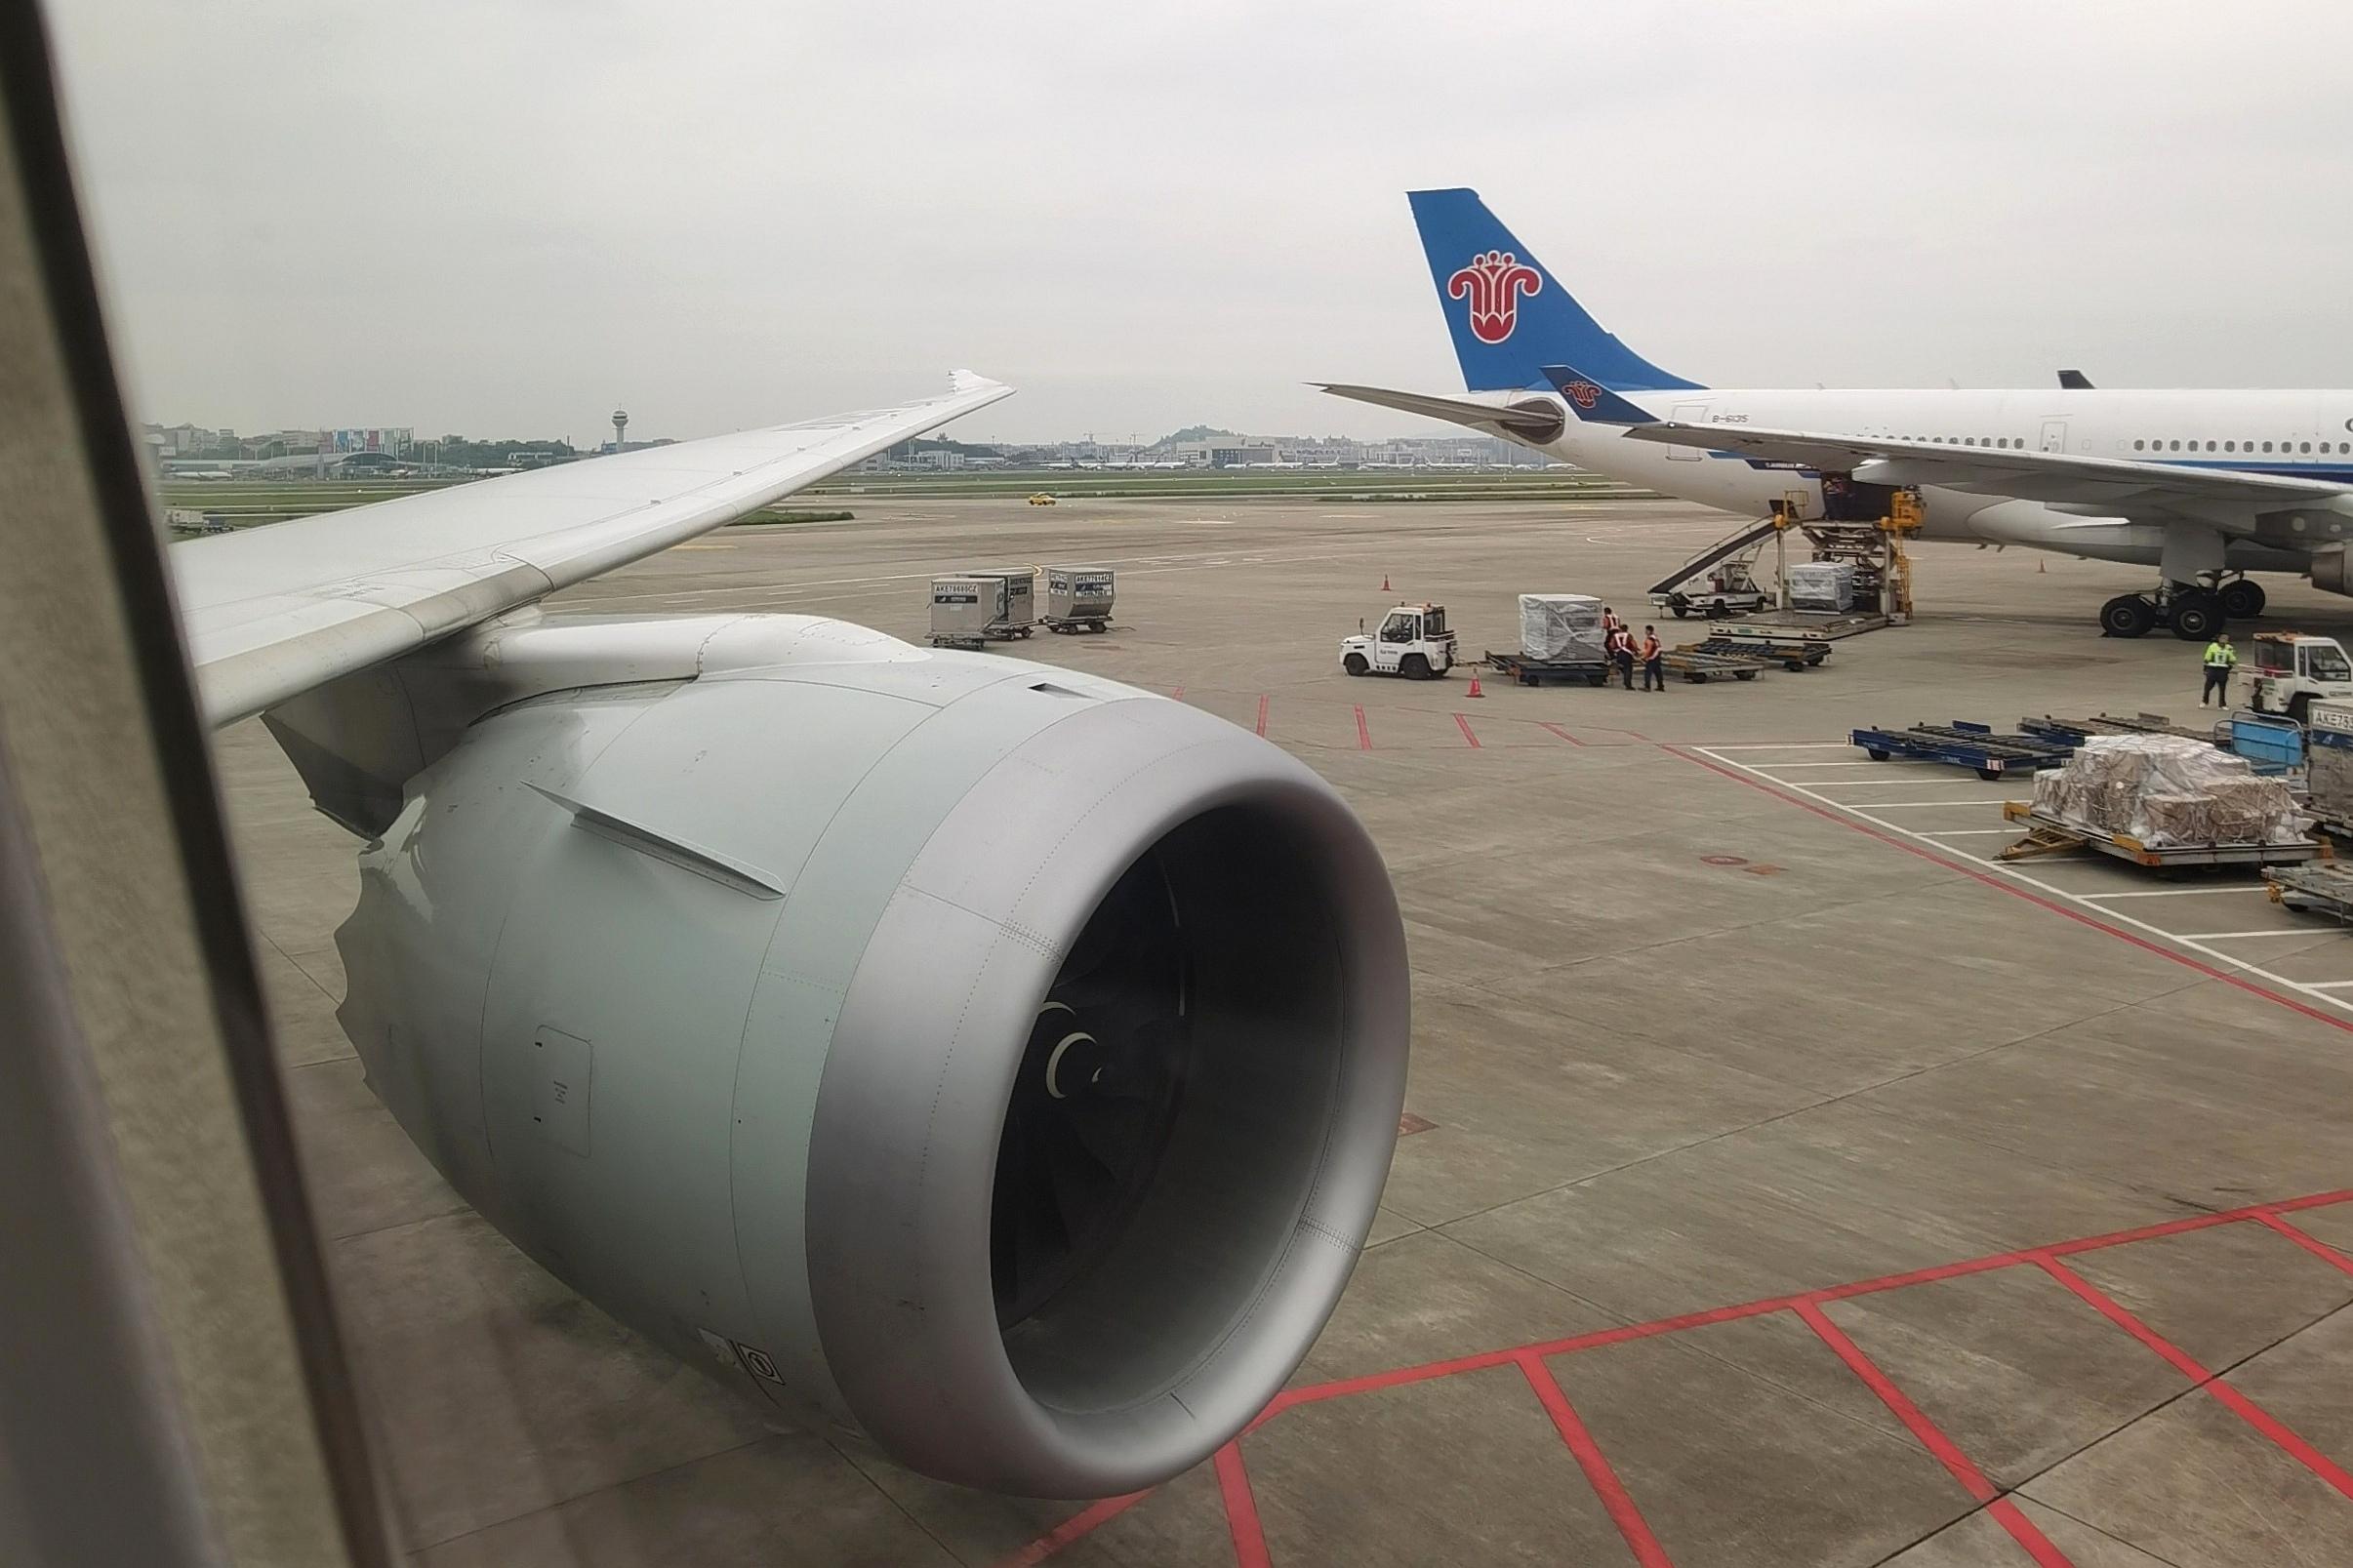 拔草国航梦想客机B787-9,公务舱体验,CA4577,重庆江北CKG-杭州萧山HGH